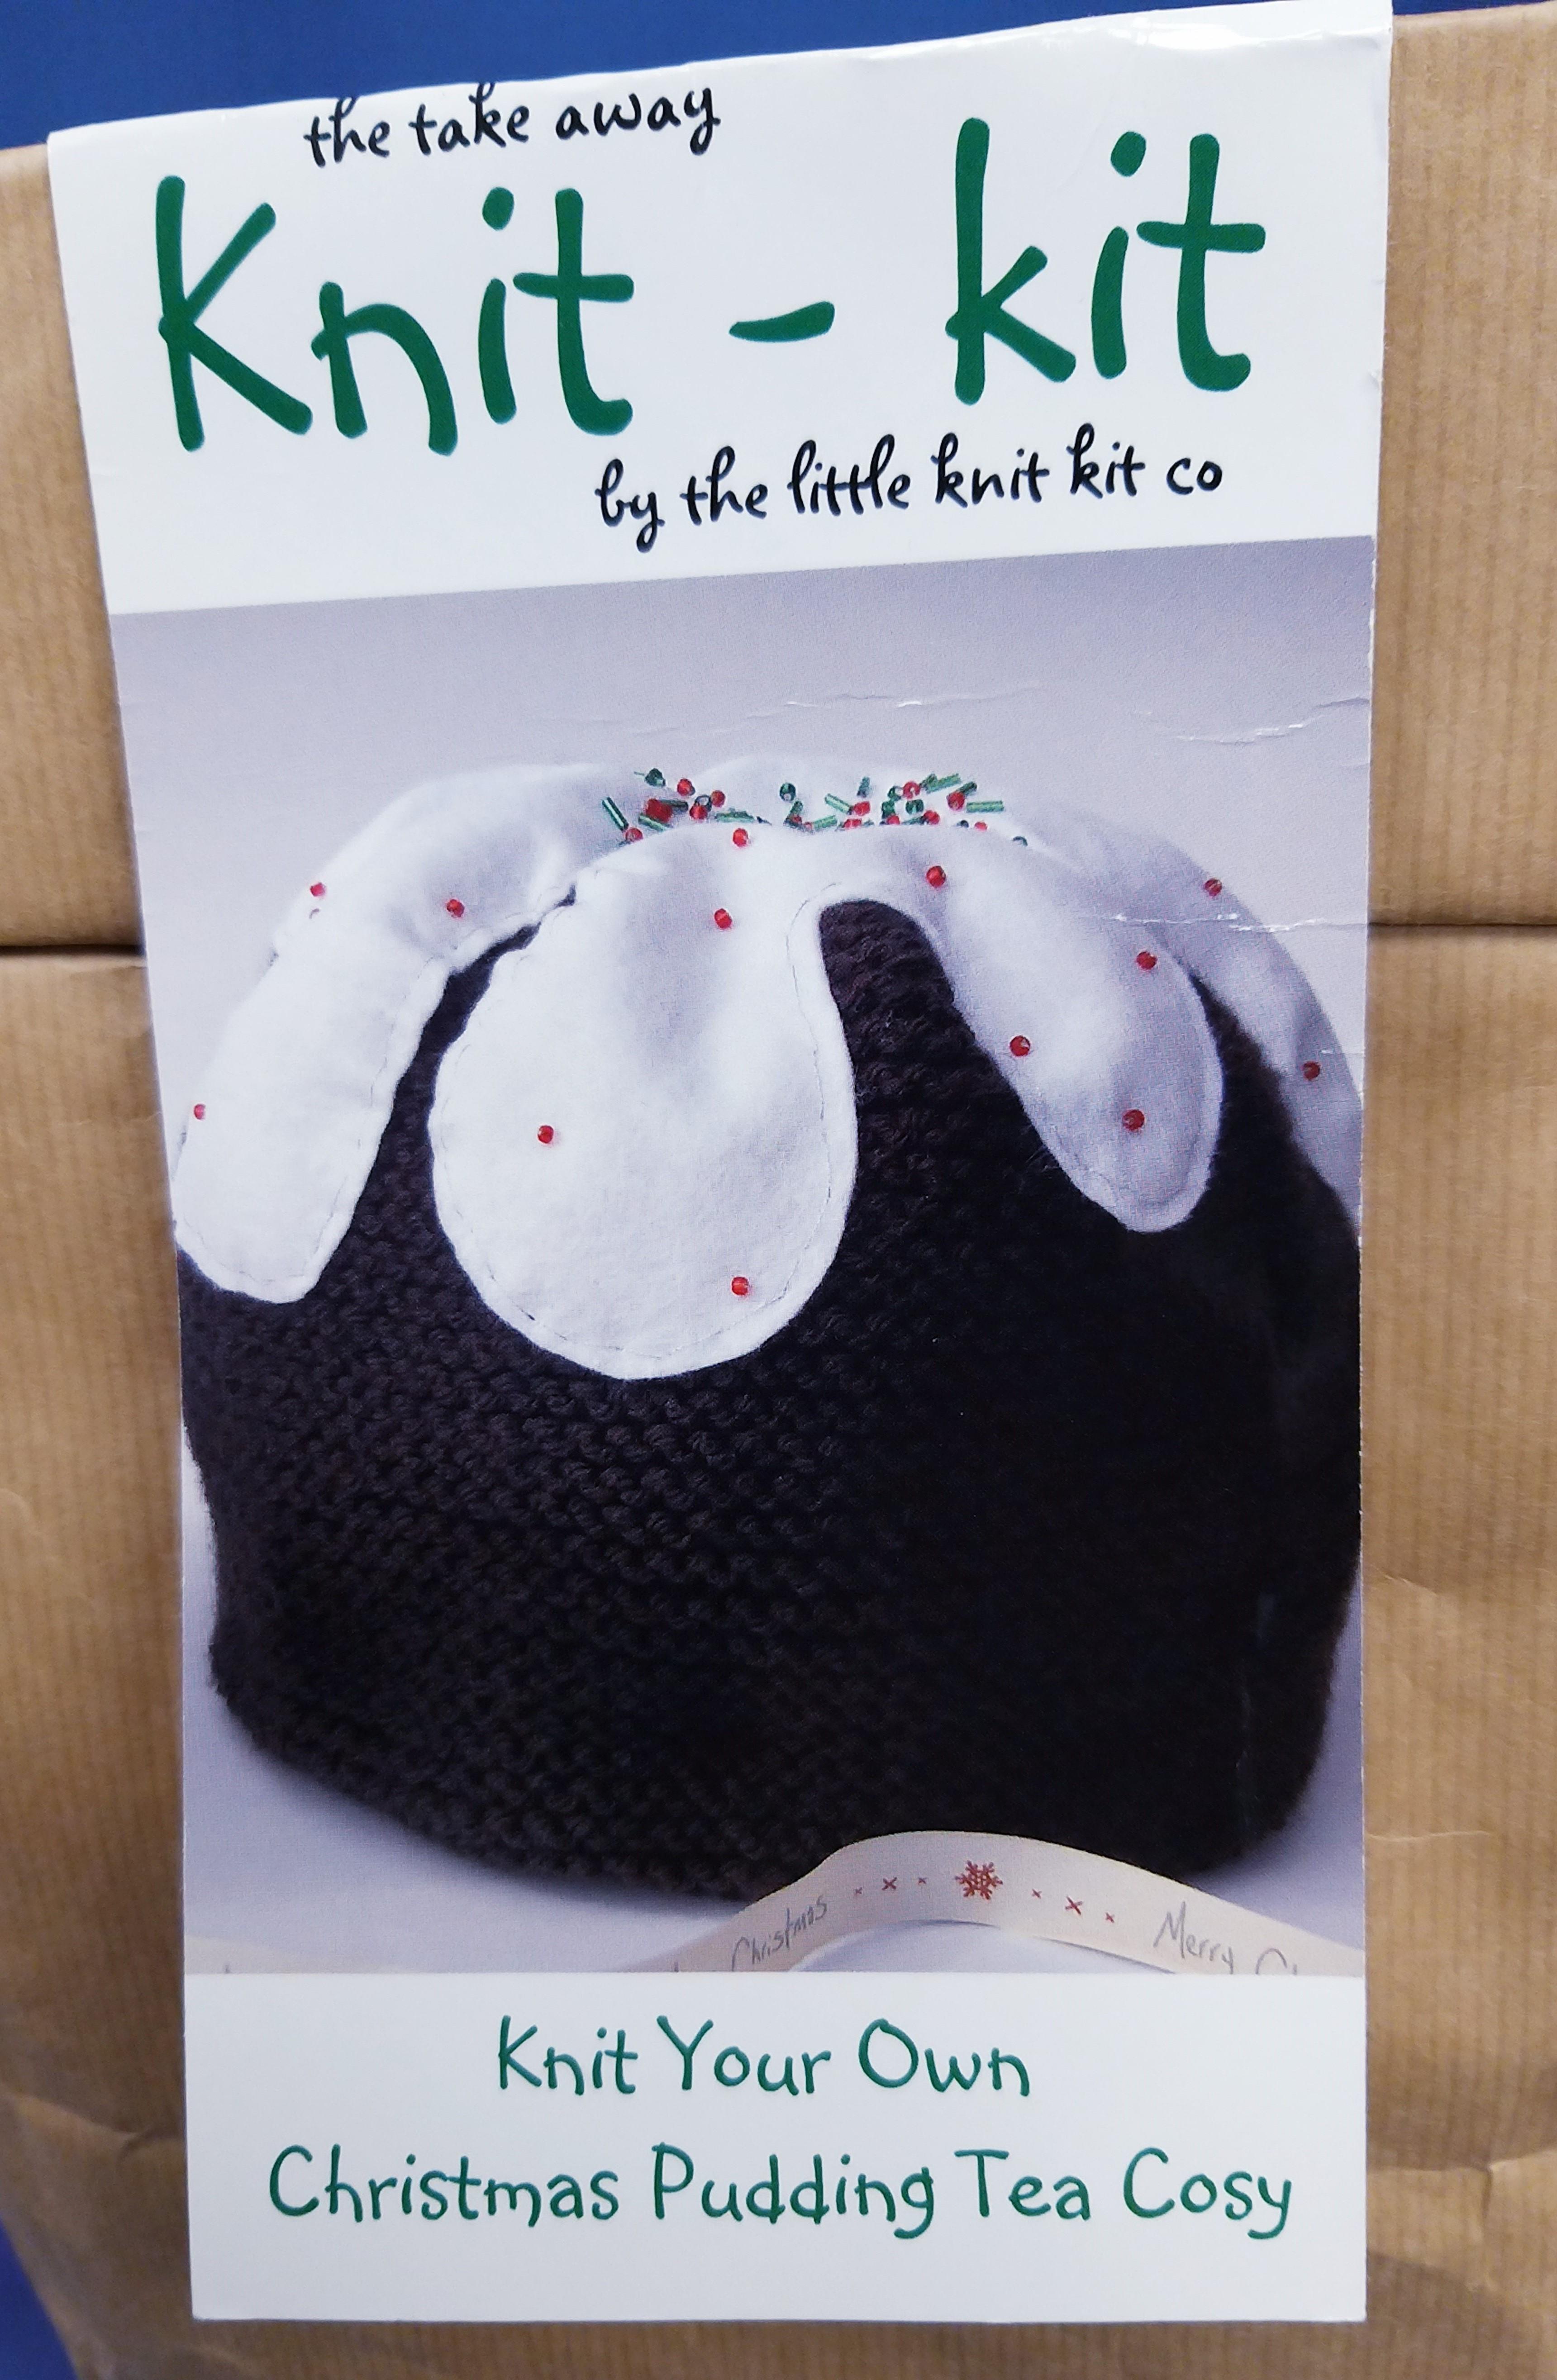 Christmas Pudding Tea Cosy Knit Kit